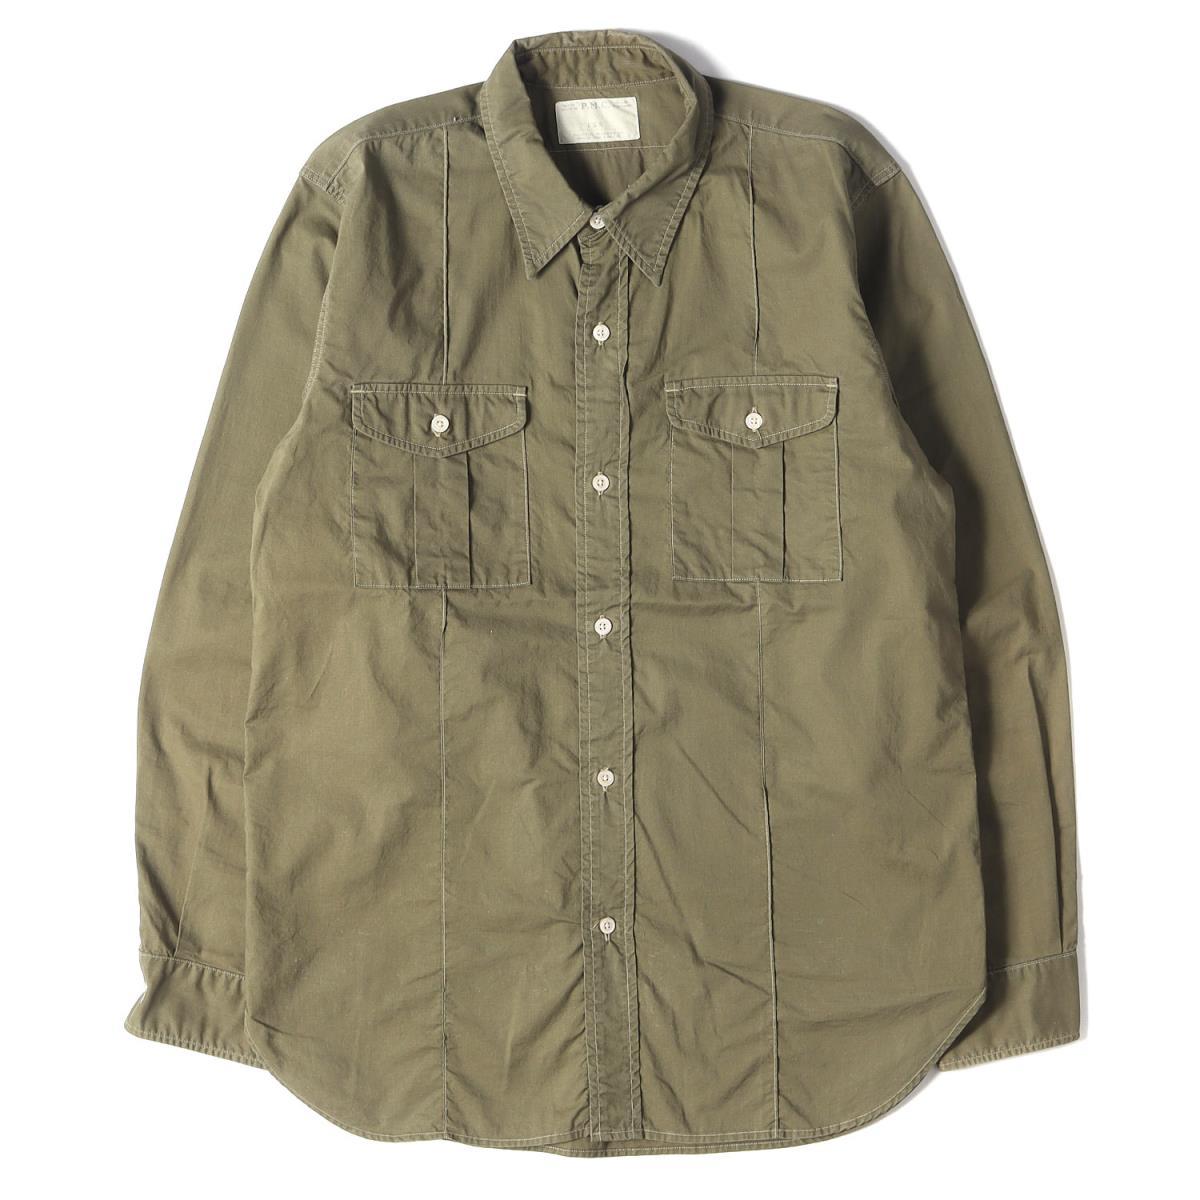 トップス, カジュアルシャツ PHIGVEL UTILITY SHIRT 15 12(M) K3150